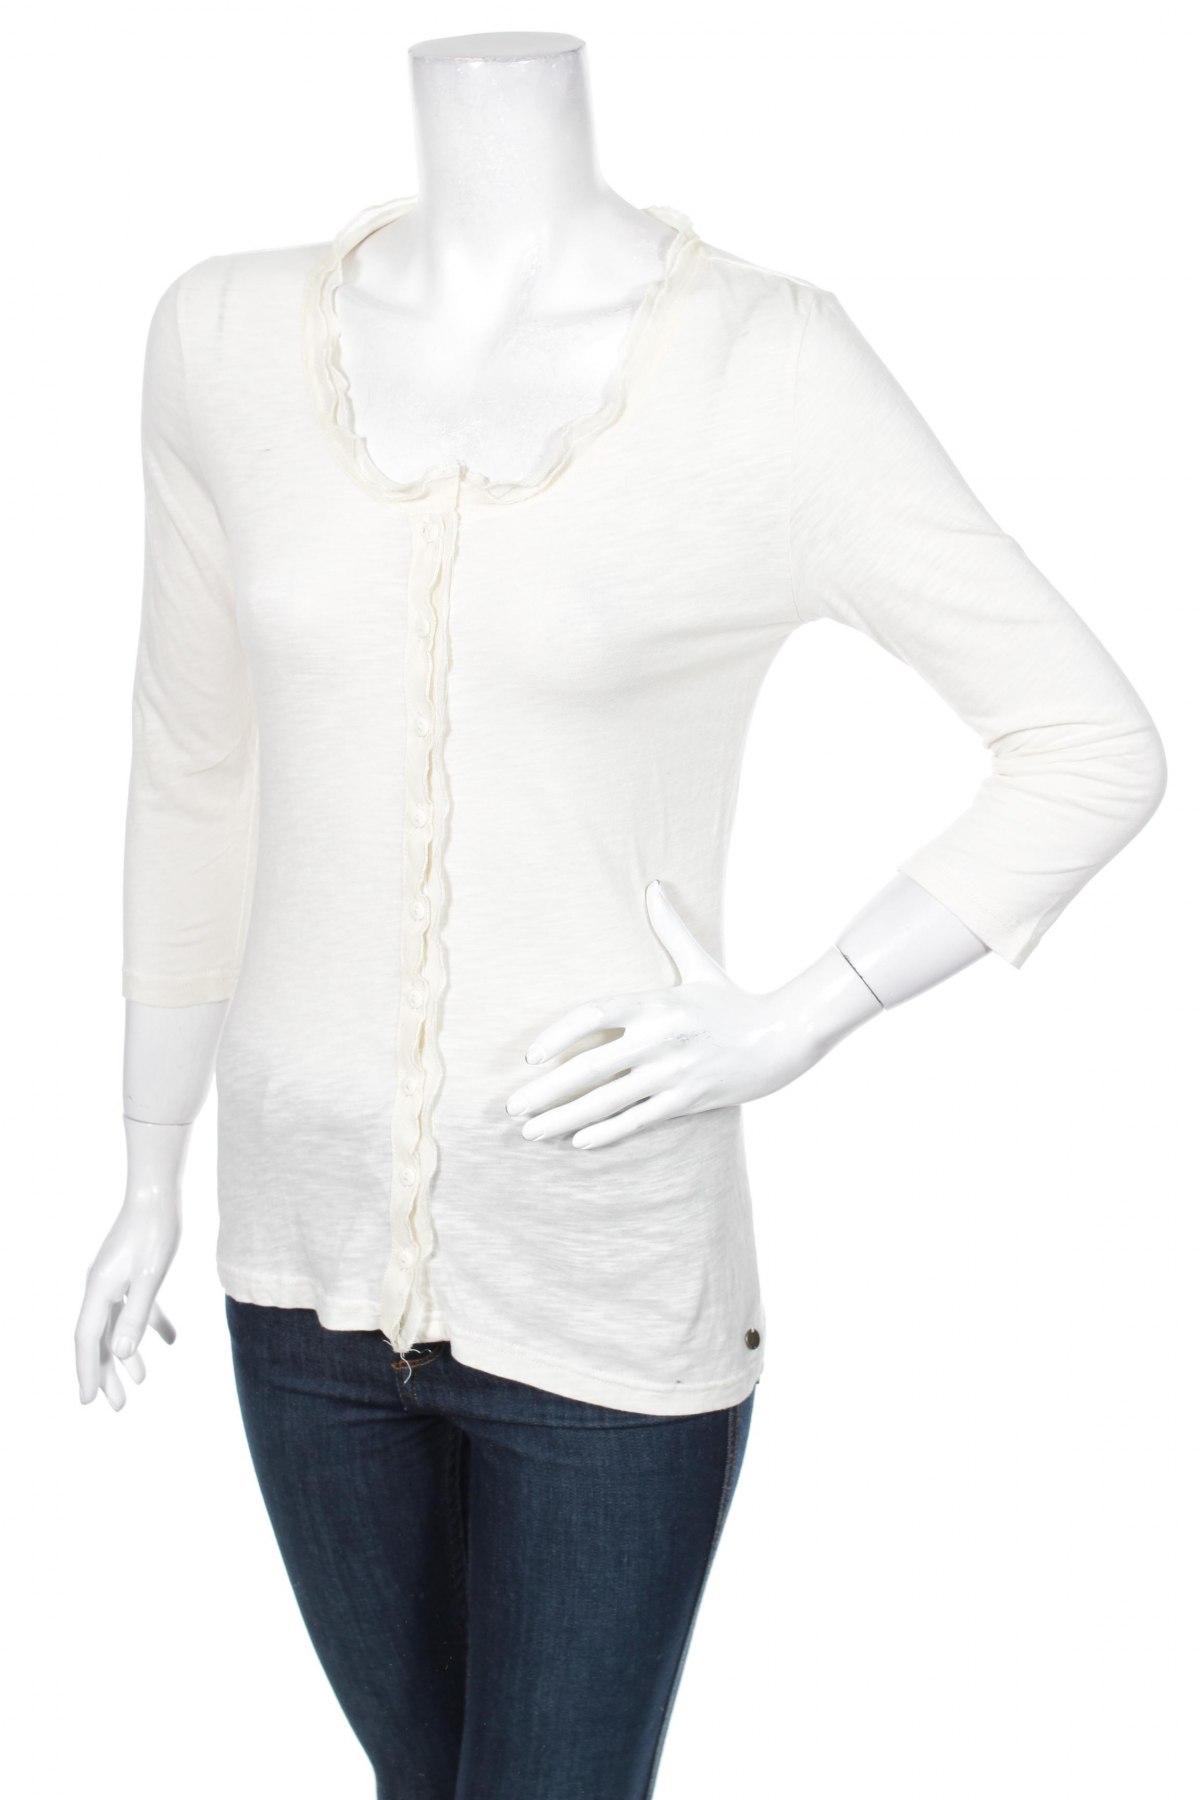 Γυναικείο πουκάμισο Vero Moda, Μέγεθος S, Χρώμα  Μπέζ, Τιμή 16,70€